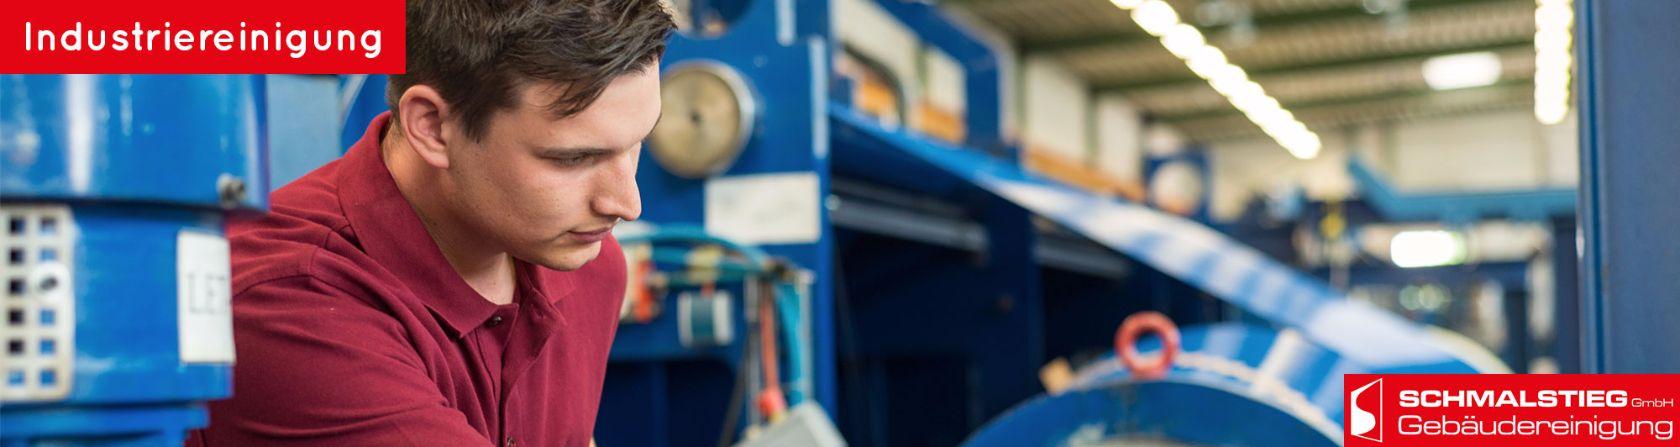 Schmalstieg GmbH Gebäudereinigung Hannover - Industriereinigung